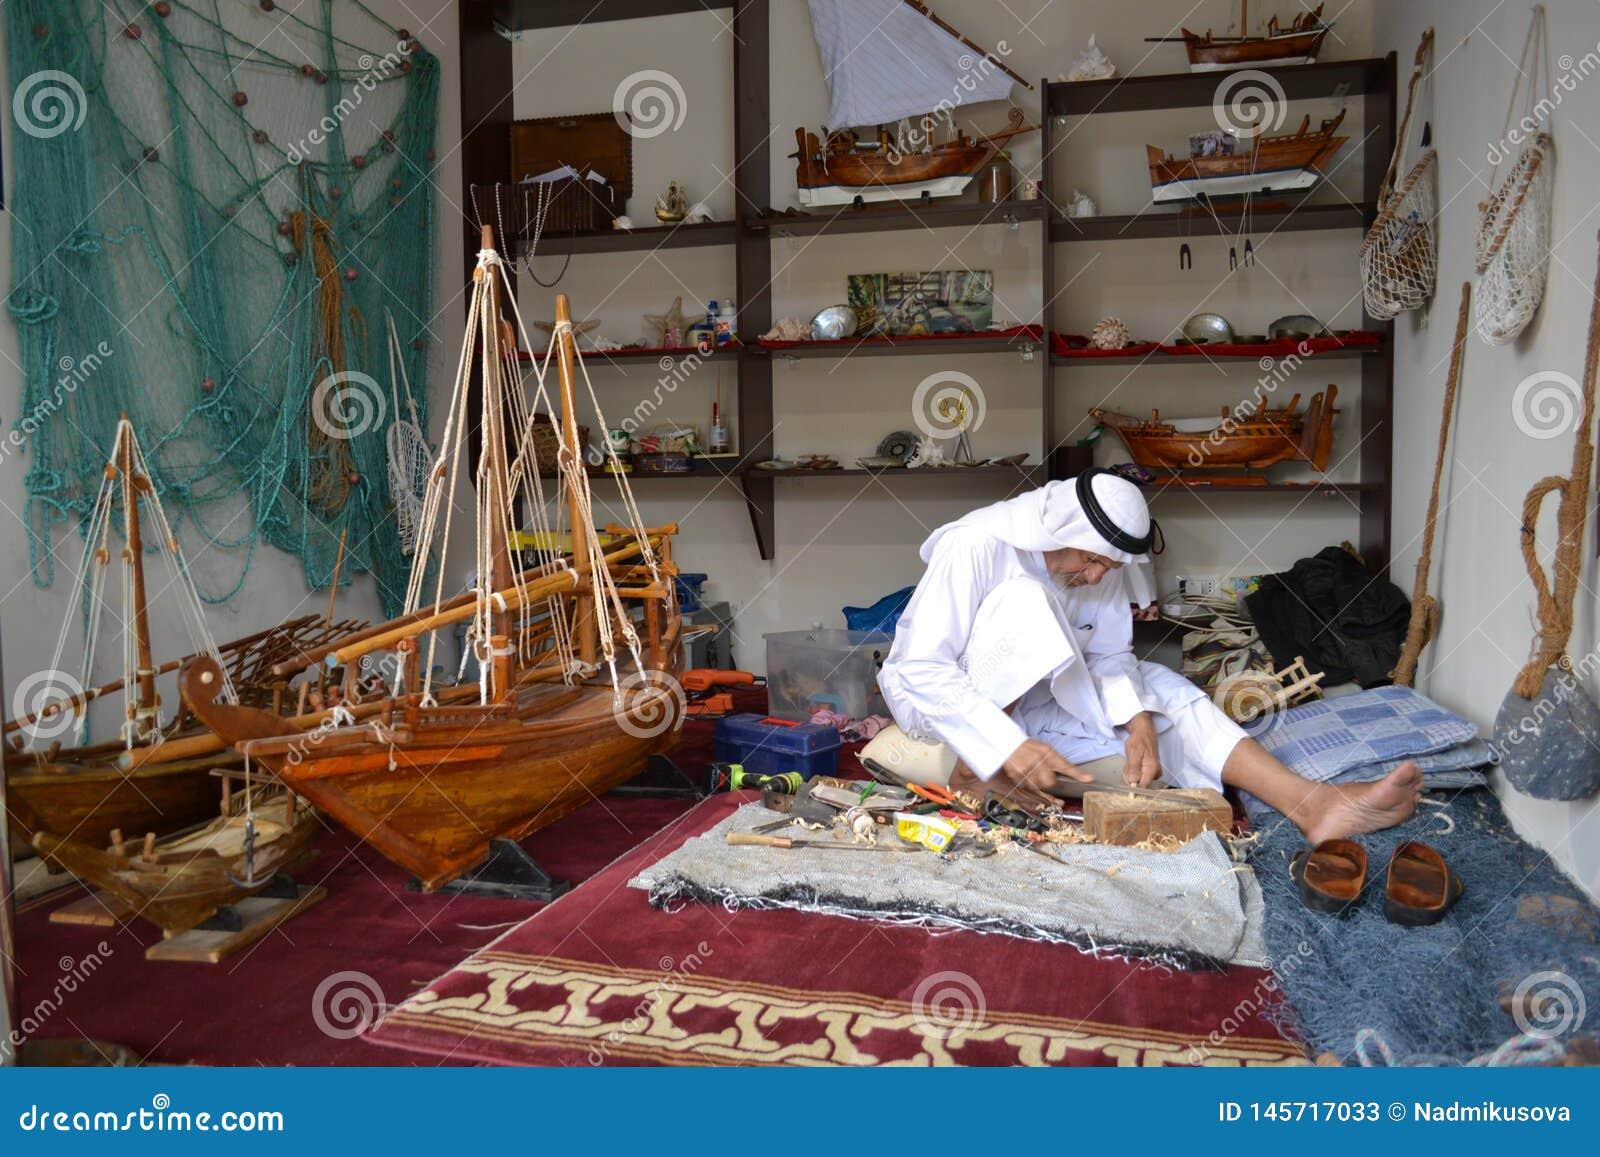 Artisanaal van Qatar dat in traditionele kleren met de hand gemaakt houten model van schepen creeert